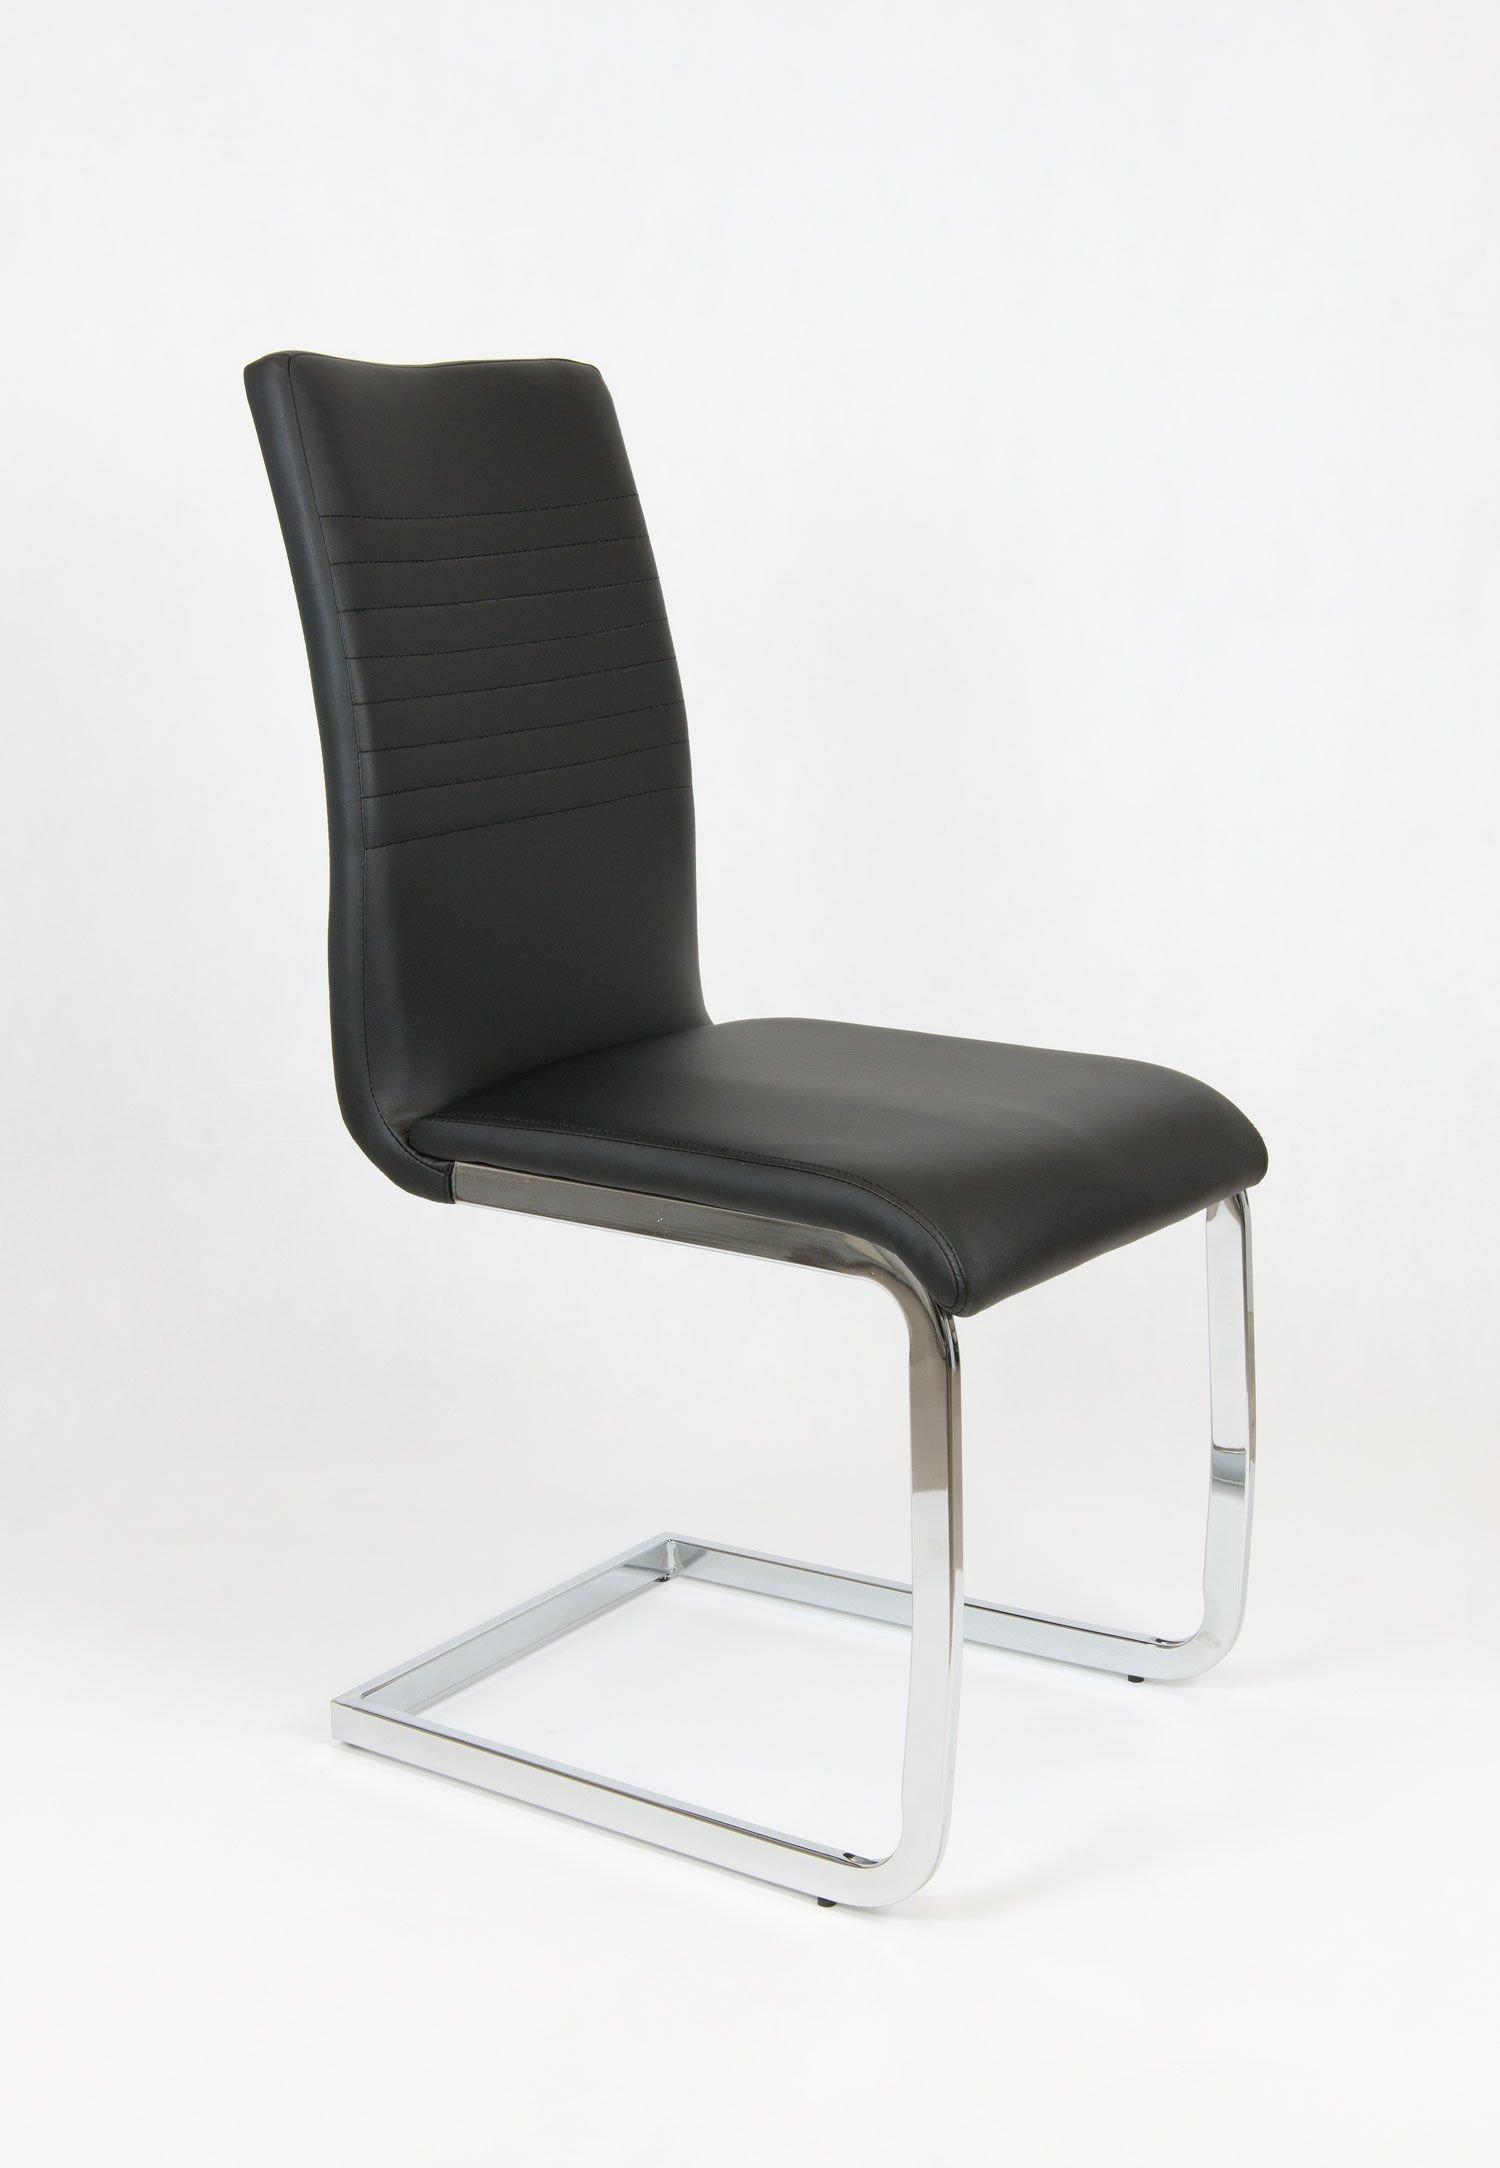 sk design ks038 schwarz kunsleder stuhl mit chrome schwarz angebot st hlen salon esszimmer. Black Bedroom Furniture Sets. Home Design Ideas